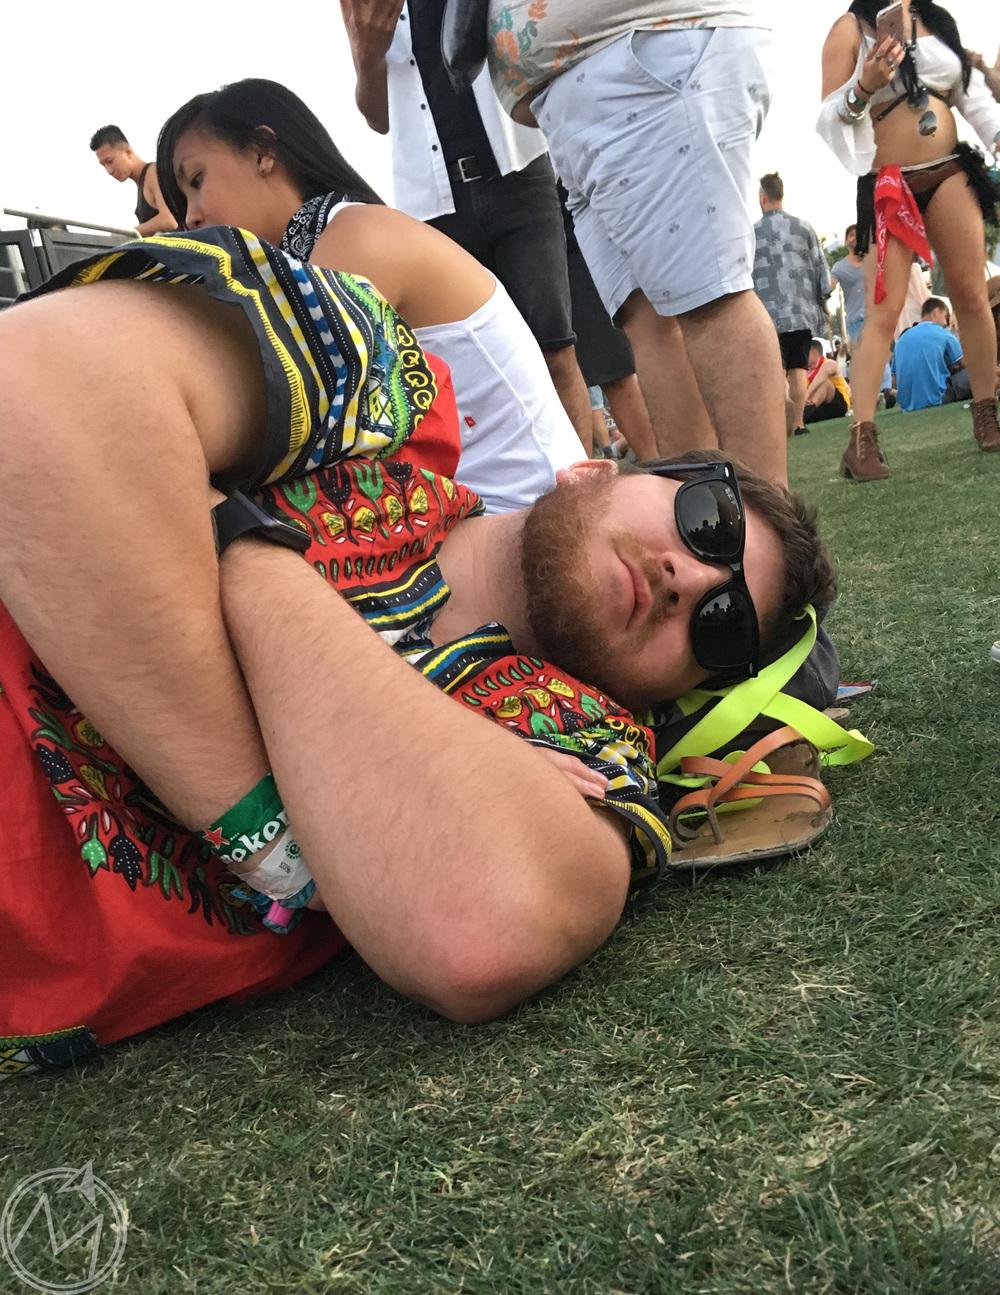 naps in the sun!